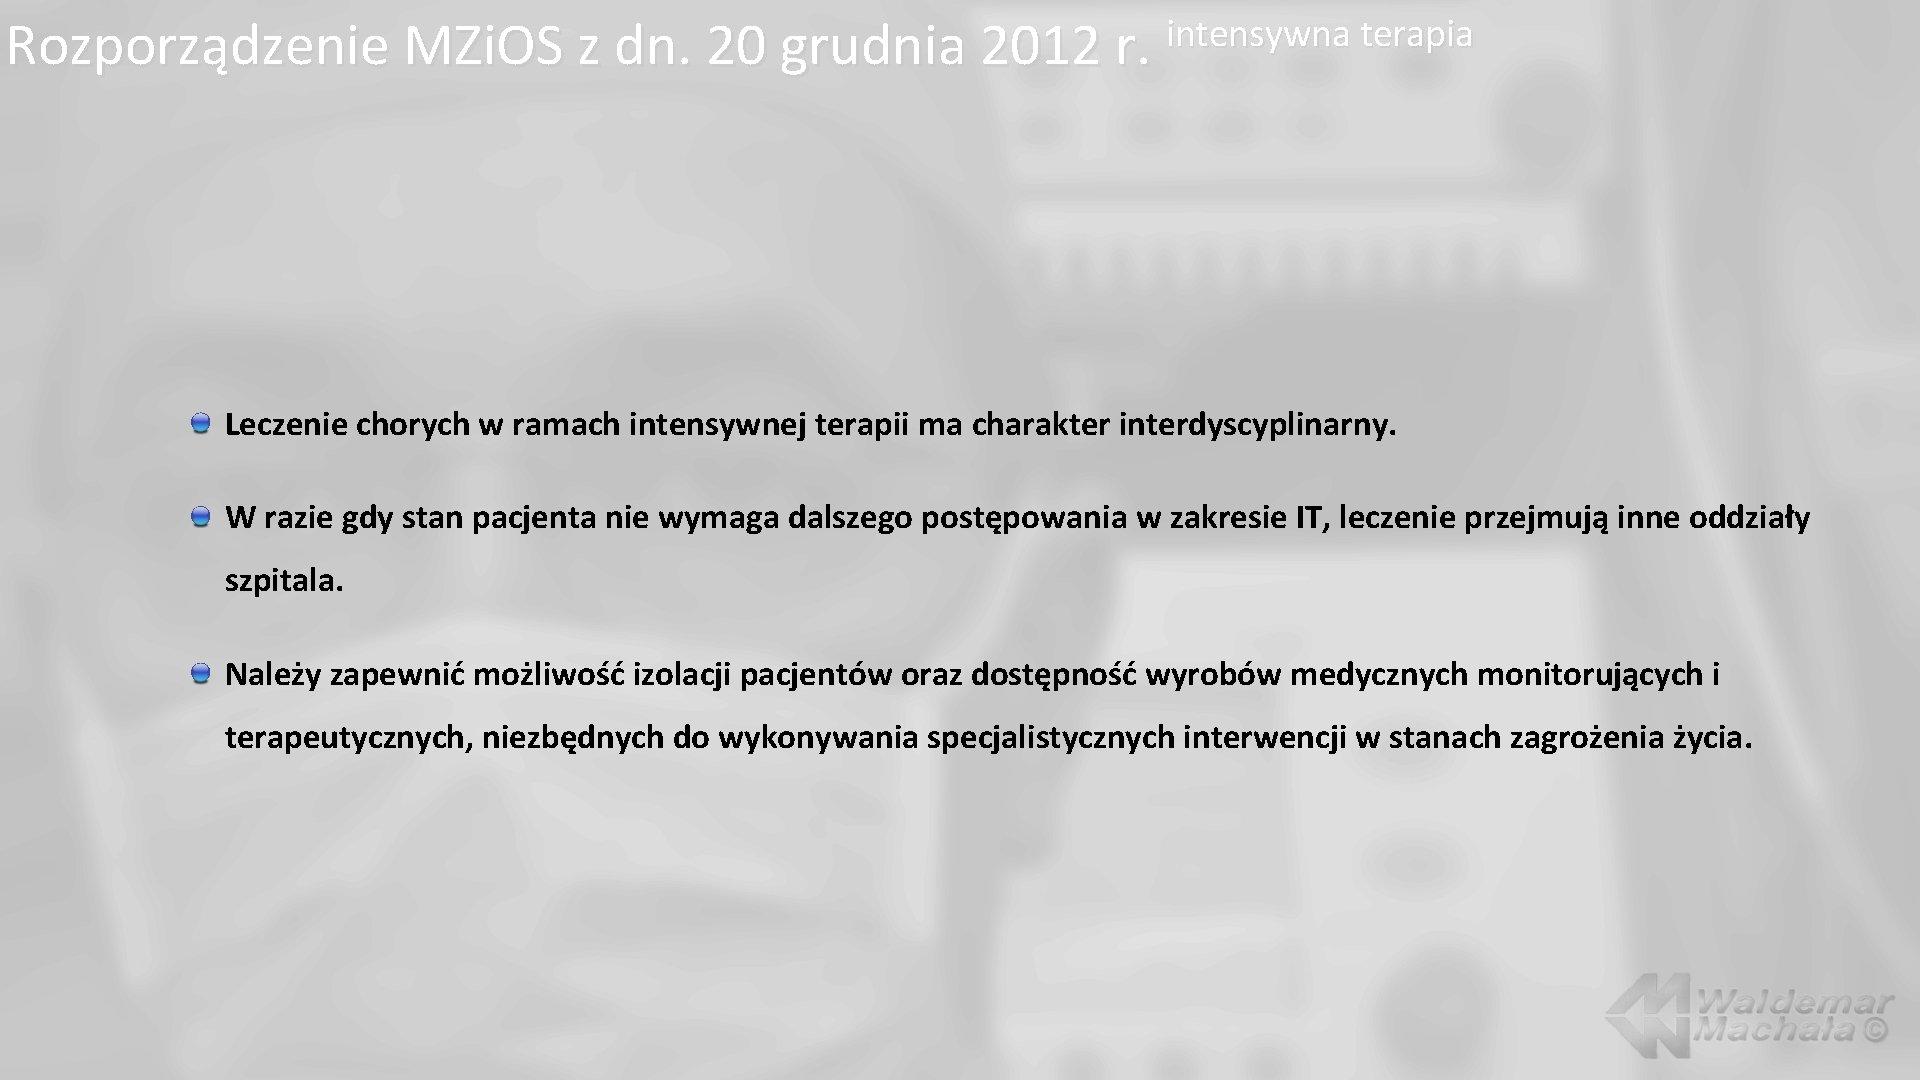 Rozporządzenie MZi. OS z dn. 20 grudnia 2012 r. intensywna terapia Leczenie chorych w